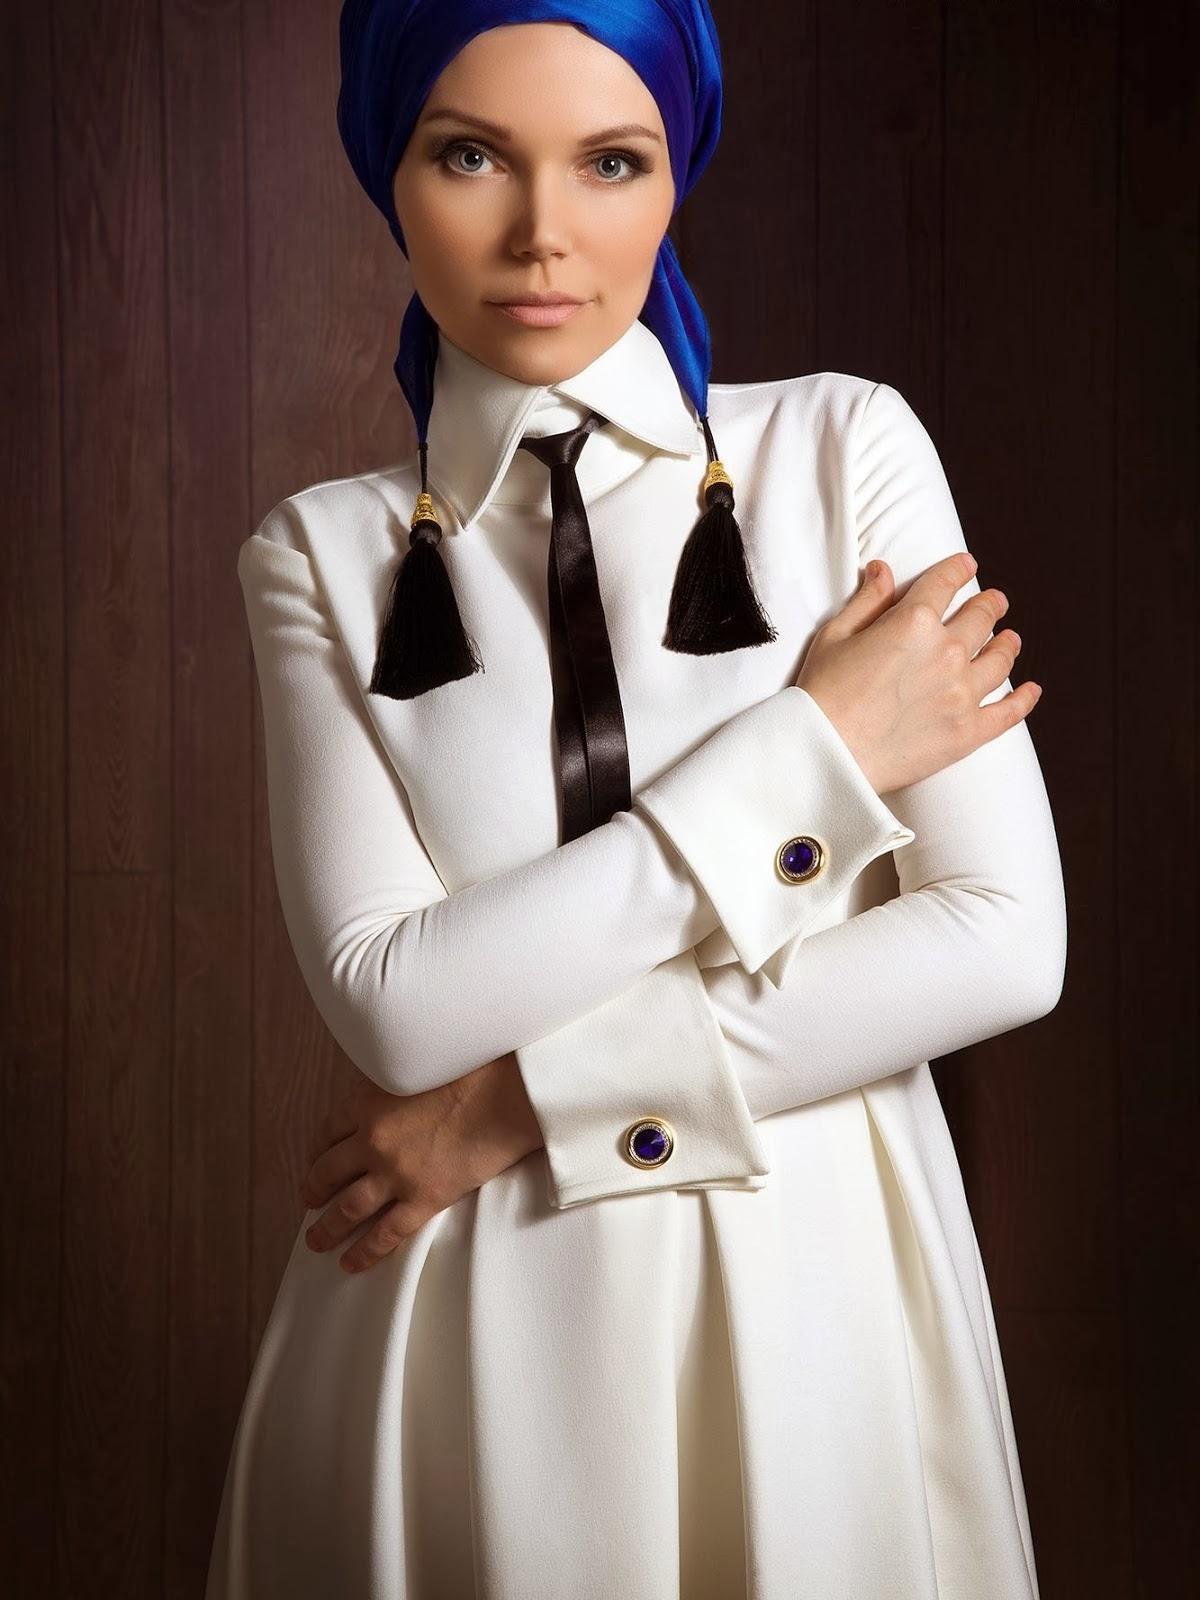 Muslima Tesett%C3%BCr+Giyim 2013 2014+Sonbahar Kis+Koleksiyonu 15 ucuz tesettür abiye modelleri,uzun abiye modelleri ve fiyatları,kapalı abiye modelleri genç,abiye modelleri ve fiyatları 2014,abiye elbiseler,abiye elbise modelleri ve fiyatları,genç kız abiye modelleri ve fiyatları,2015 abiye